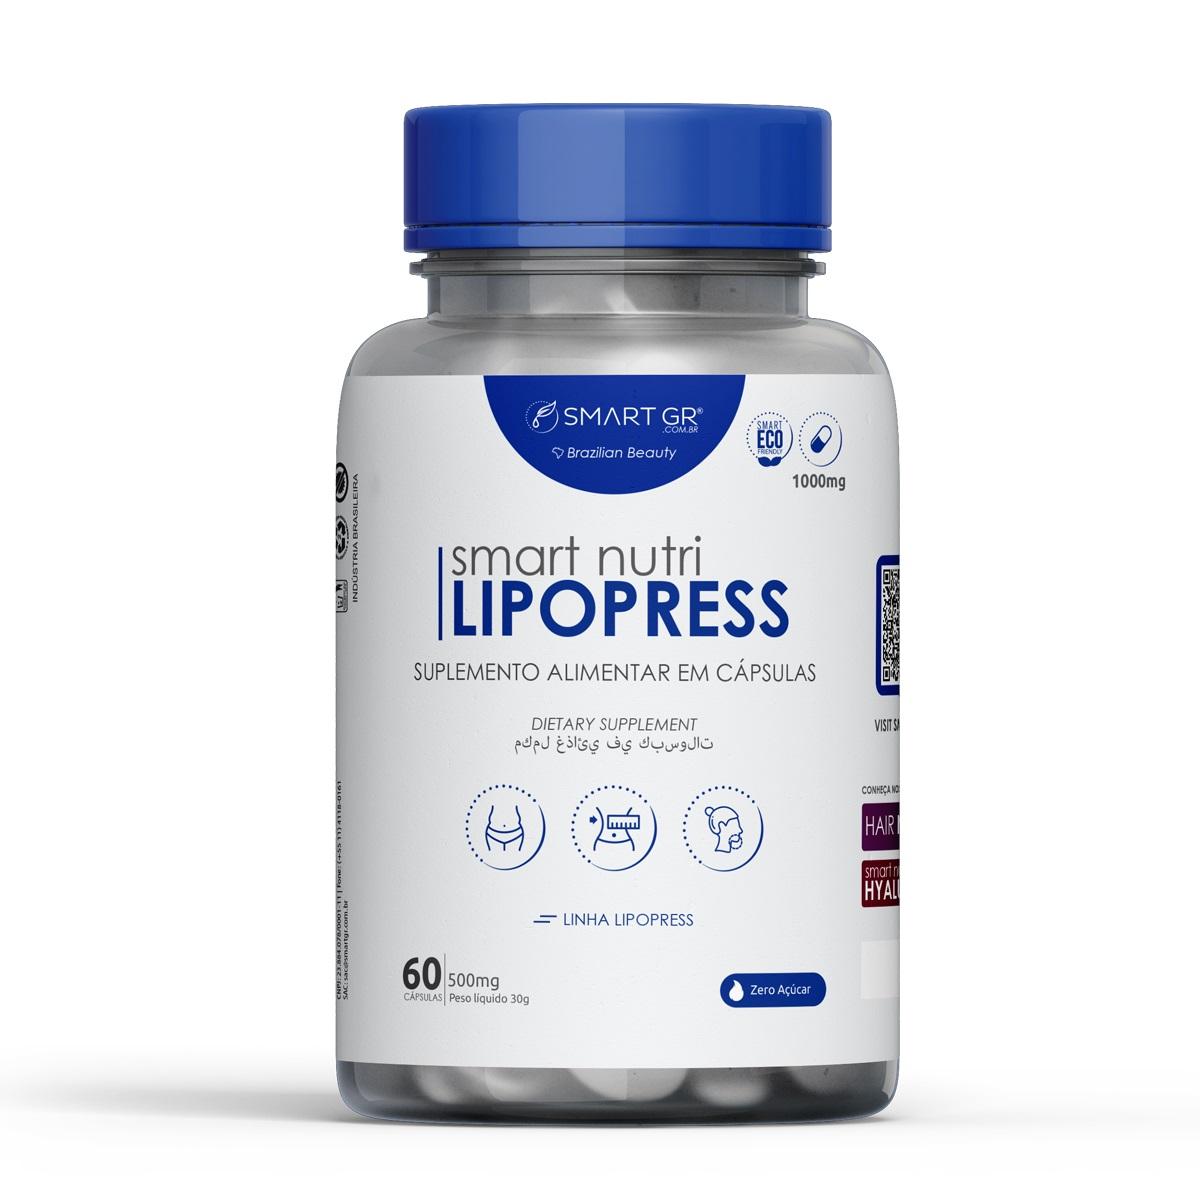 Smart Nutri Lipopress Suplemento Alimentar com 60 capsulas